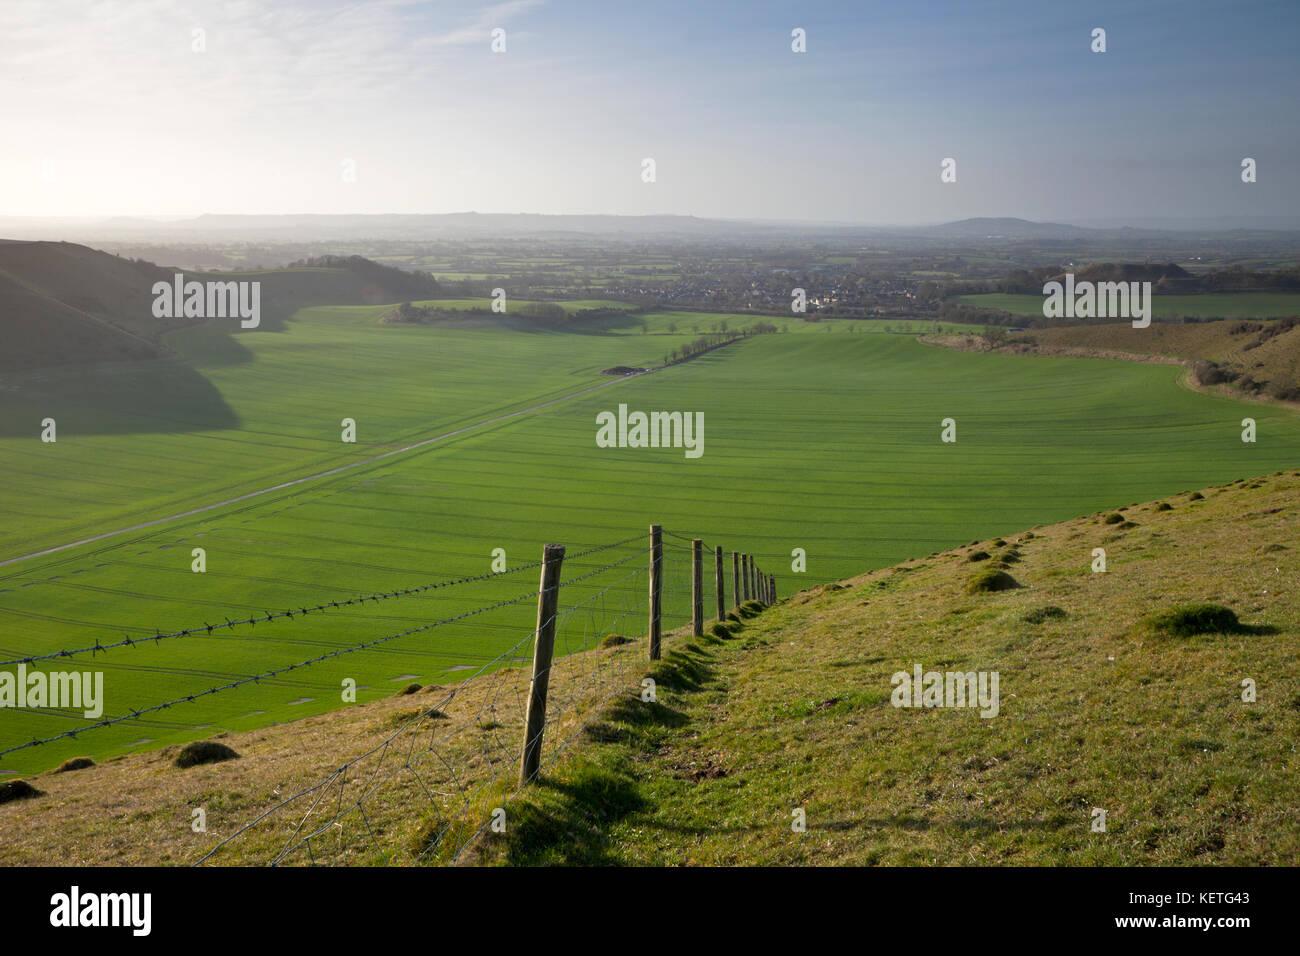 Ein stacheldrahtzaun auf stark geneigten Chalk downland in der Nähe von Reine in Wiltshire. Stockbild